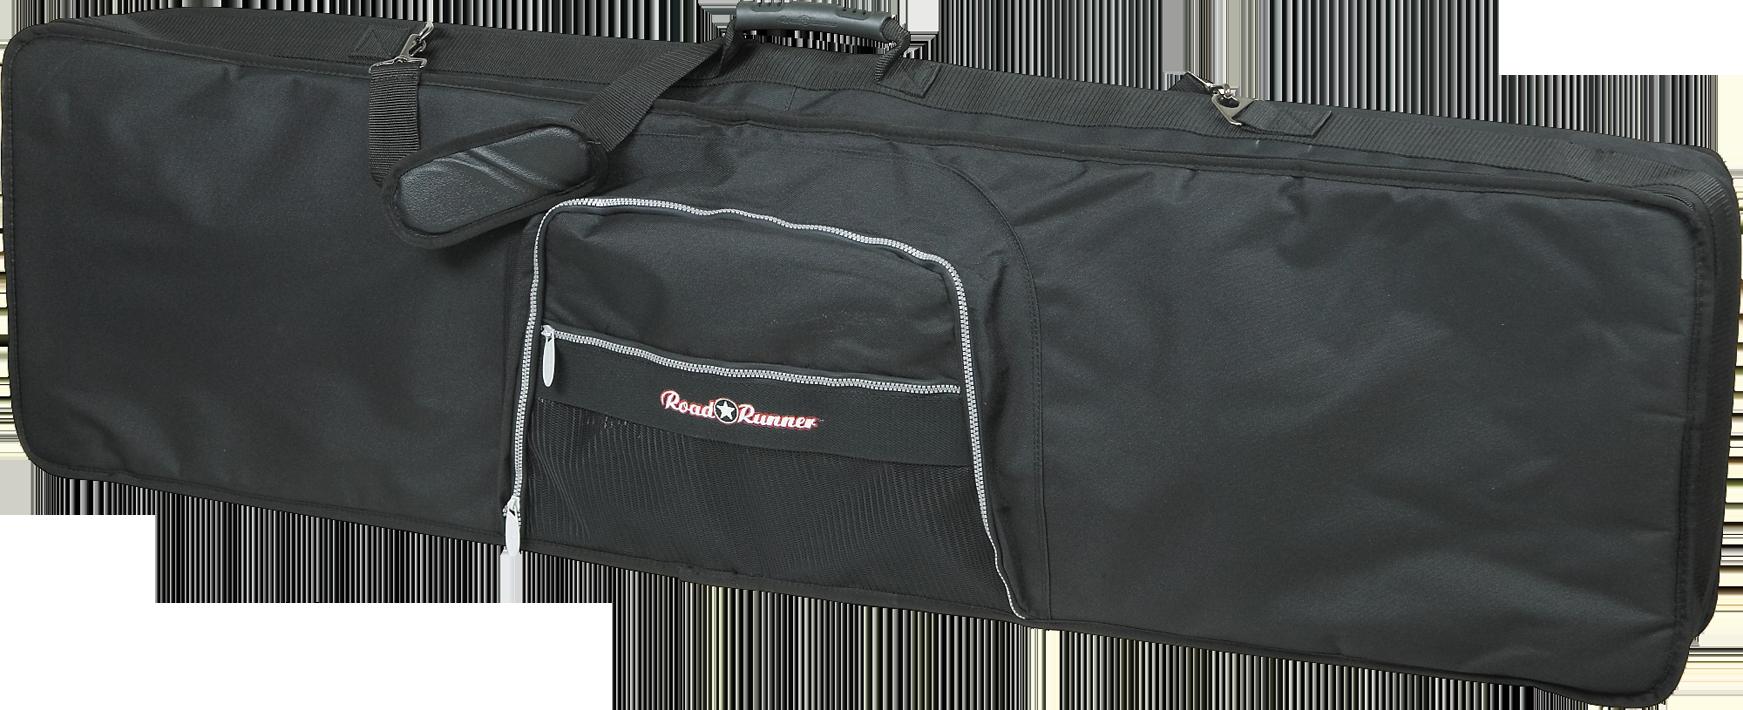 88-Key Keyboard Bag Road Runner RK5414